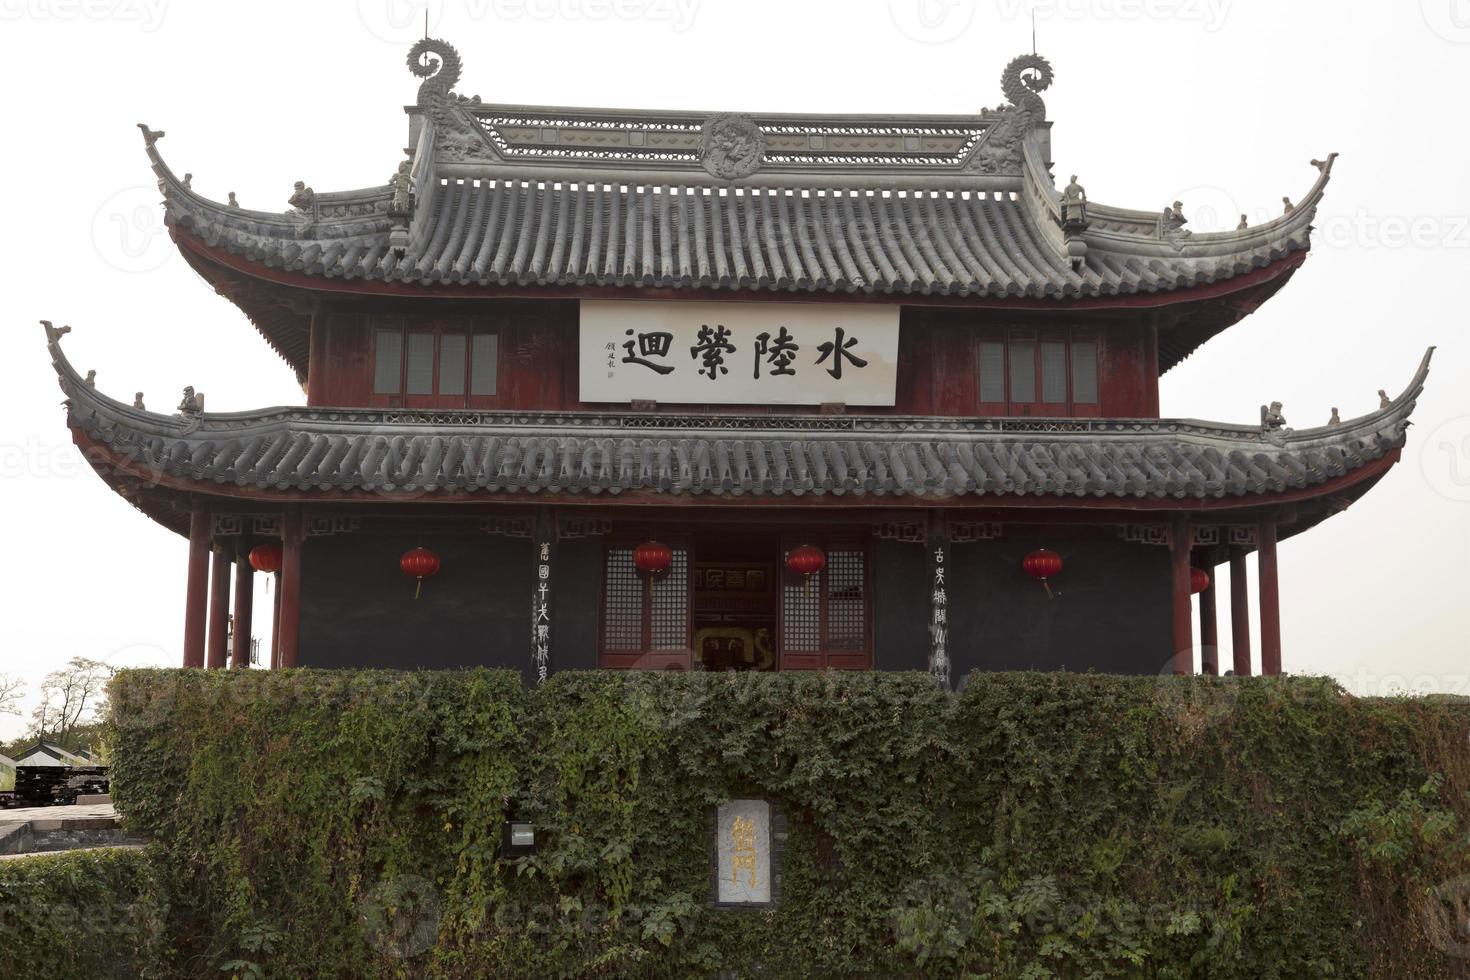 padiglione uomini cancello d'acqua antico cinese padiglione suzhou porcellana foto